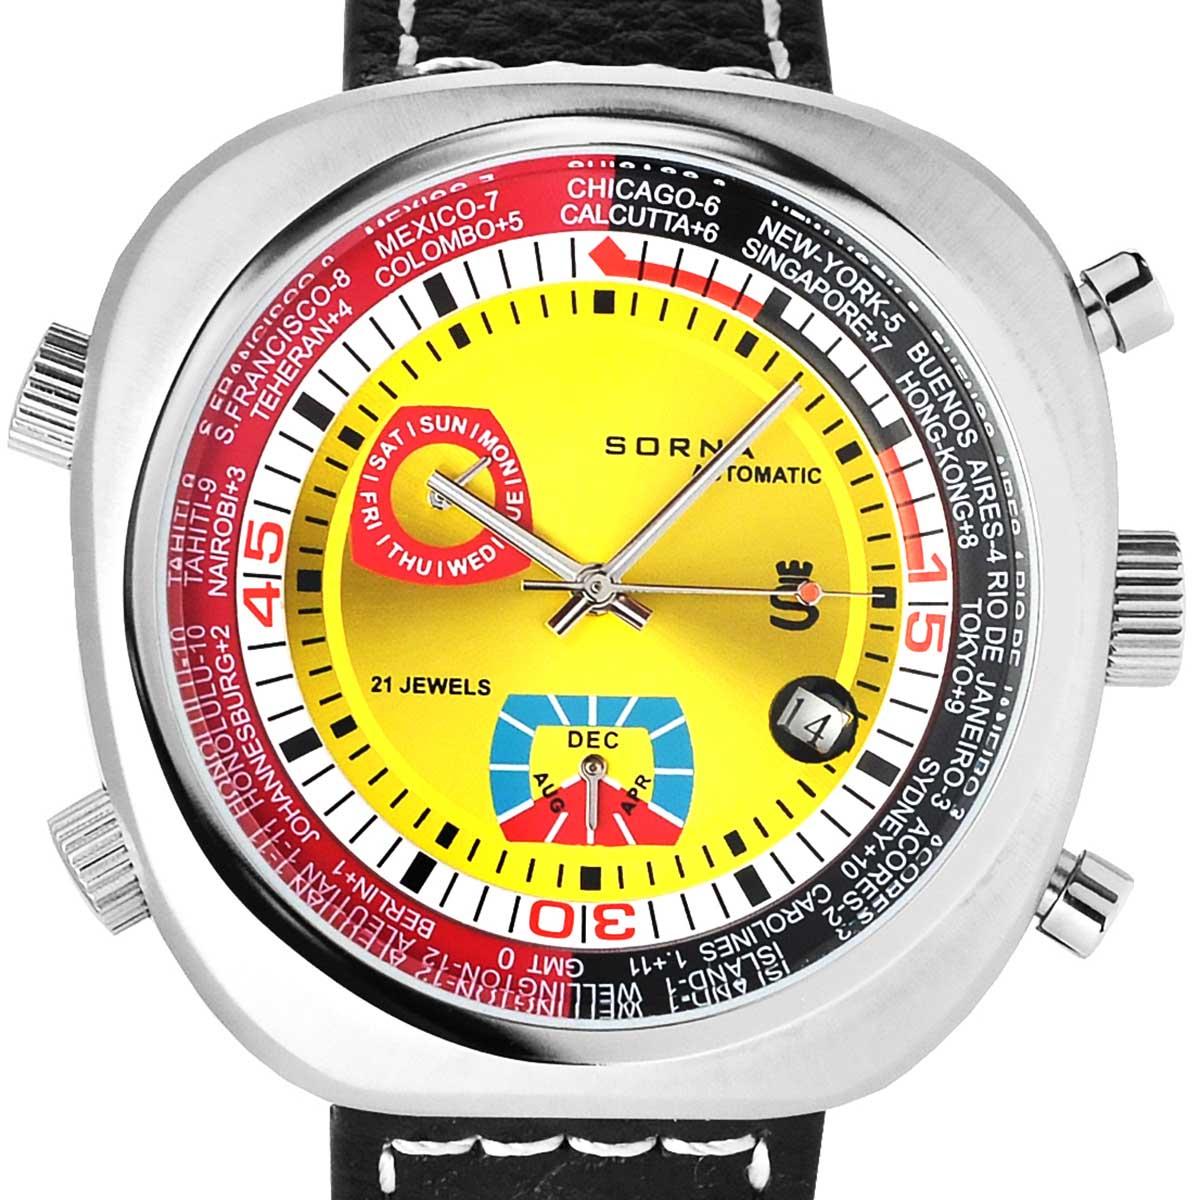 SORNA ソルナ 自動巻き(手巻き機能あり) 腕時計 [T23766-YELLOW] 並行輸入品 カレンダー GMT(ワールドタイム)